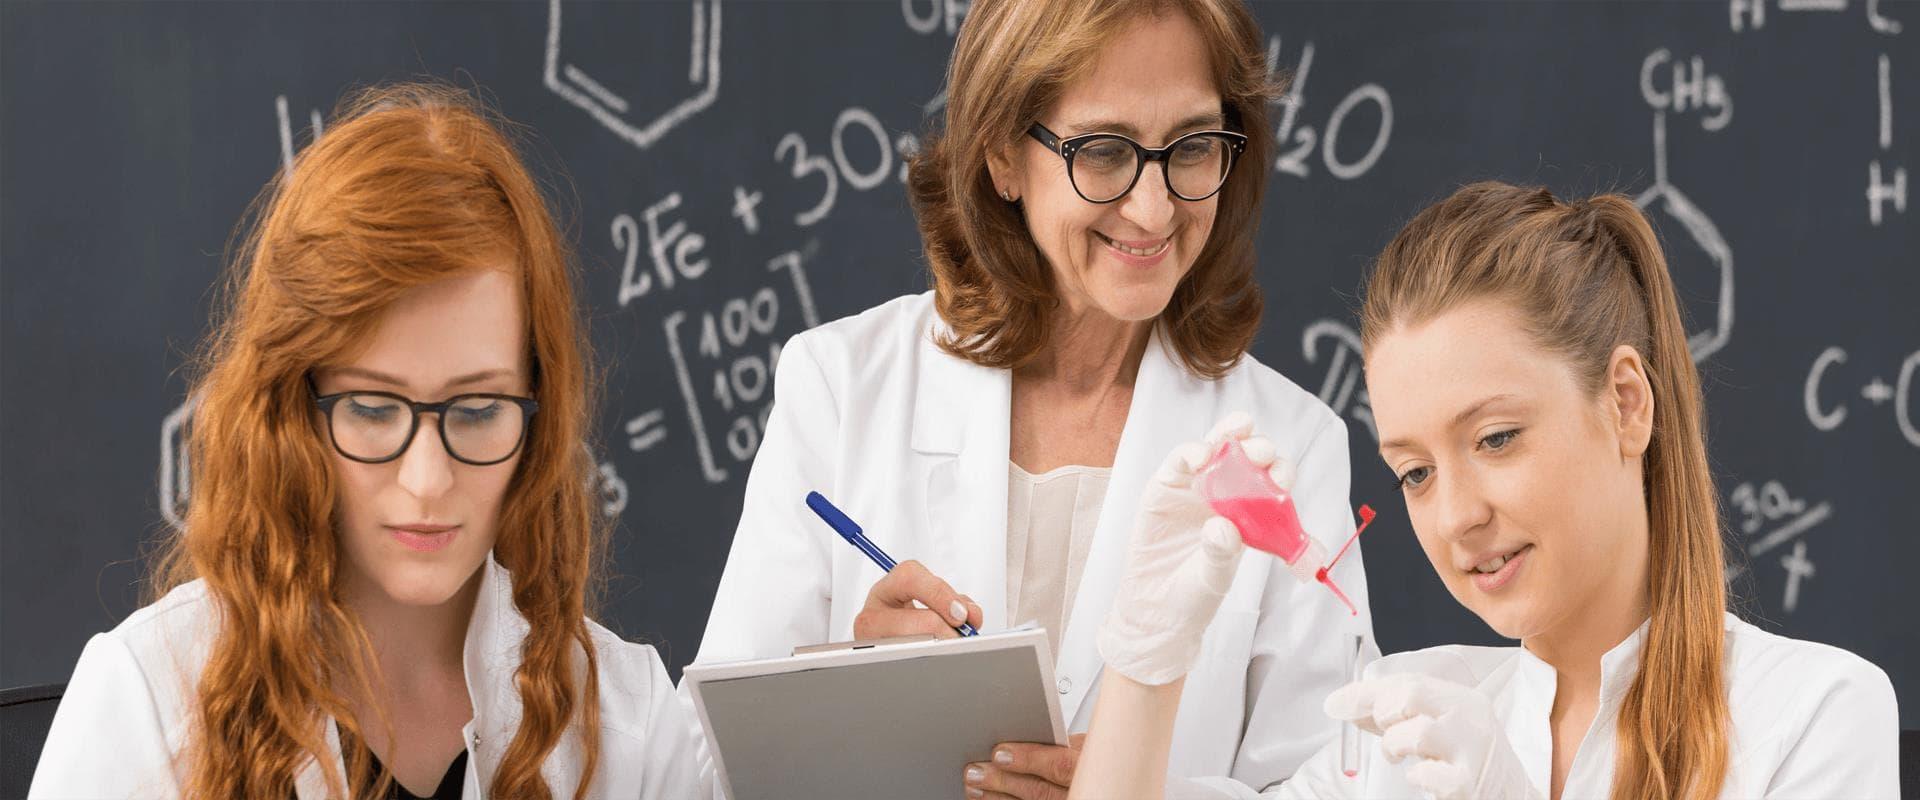 πανελλήνιος μαθητικός διαγωνισμός χημείας